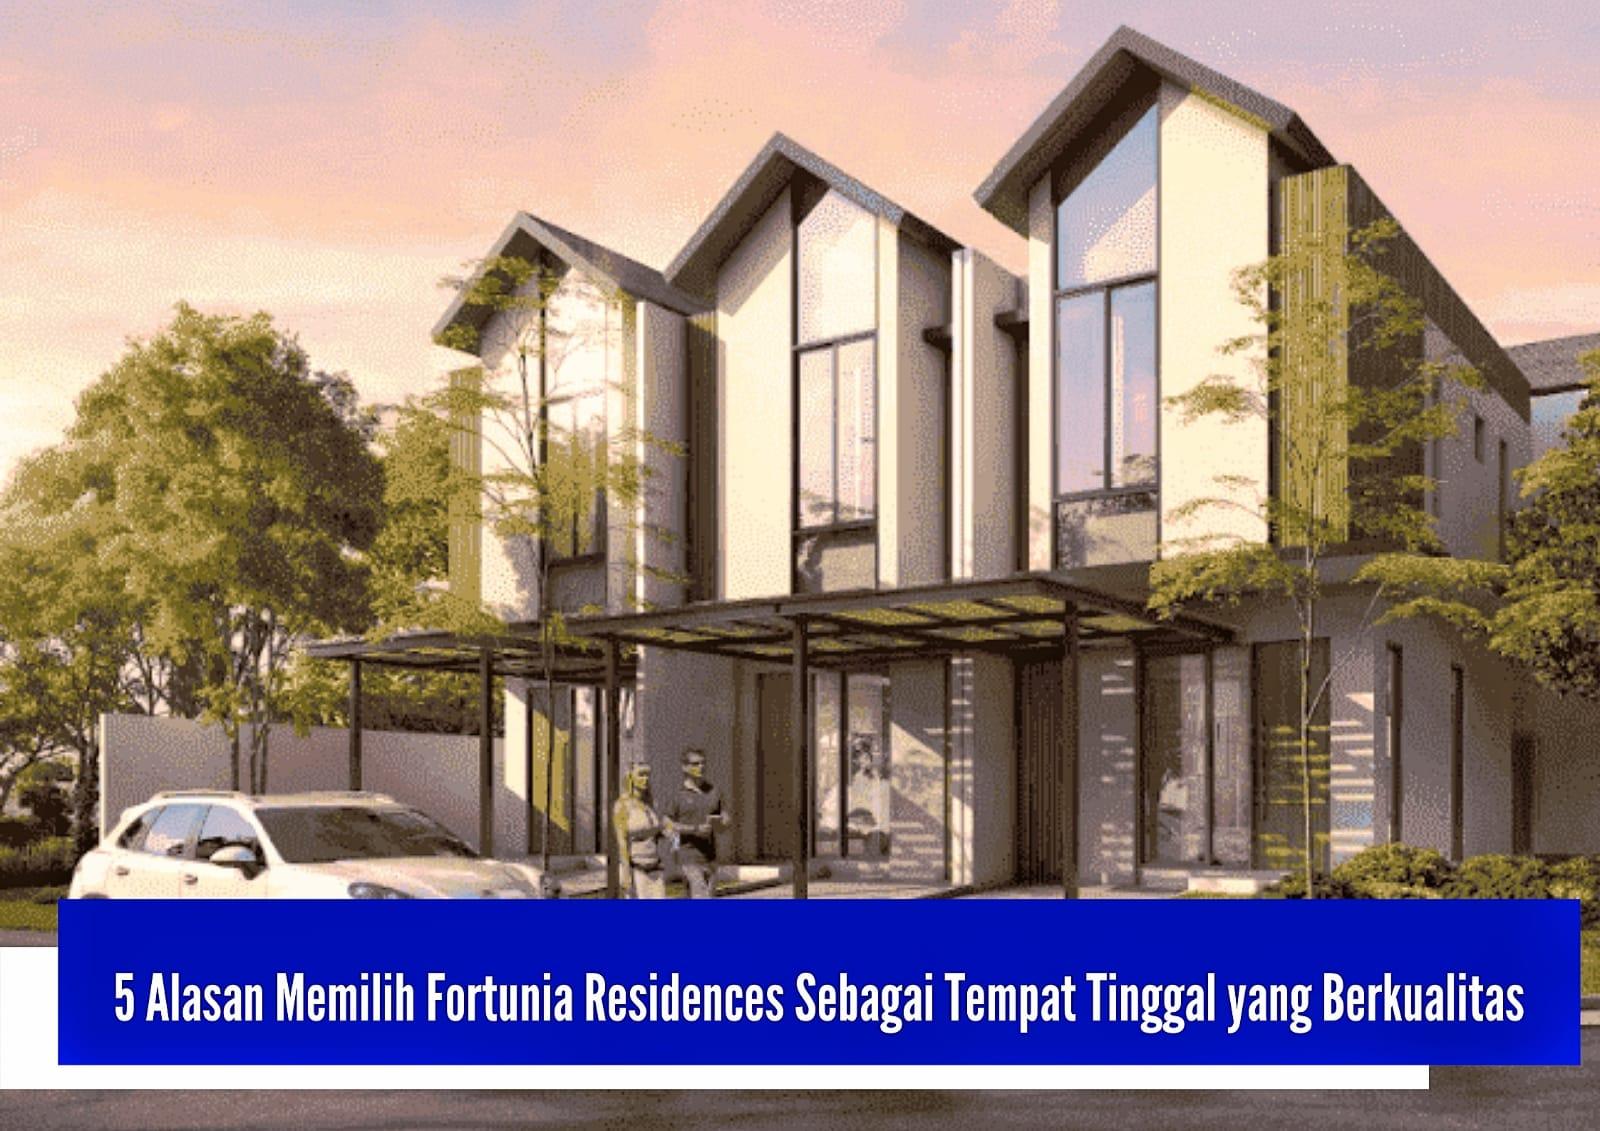 memilih fortunia residences